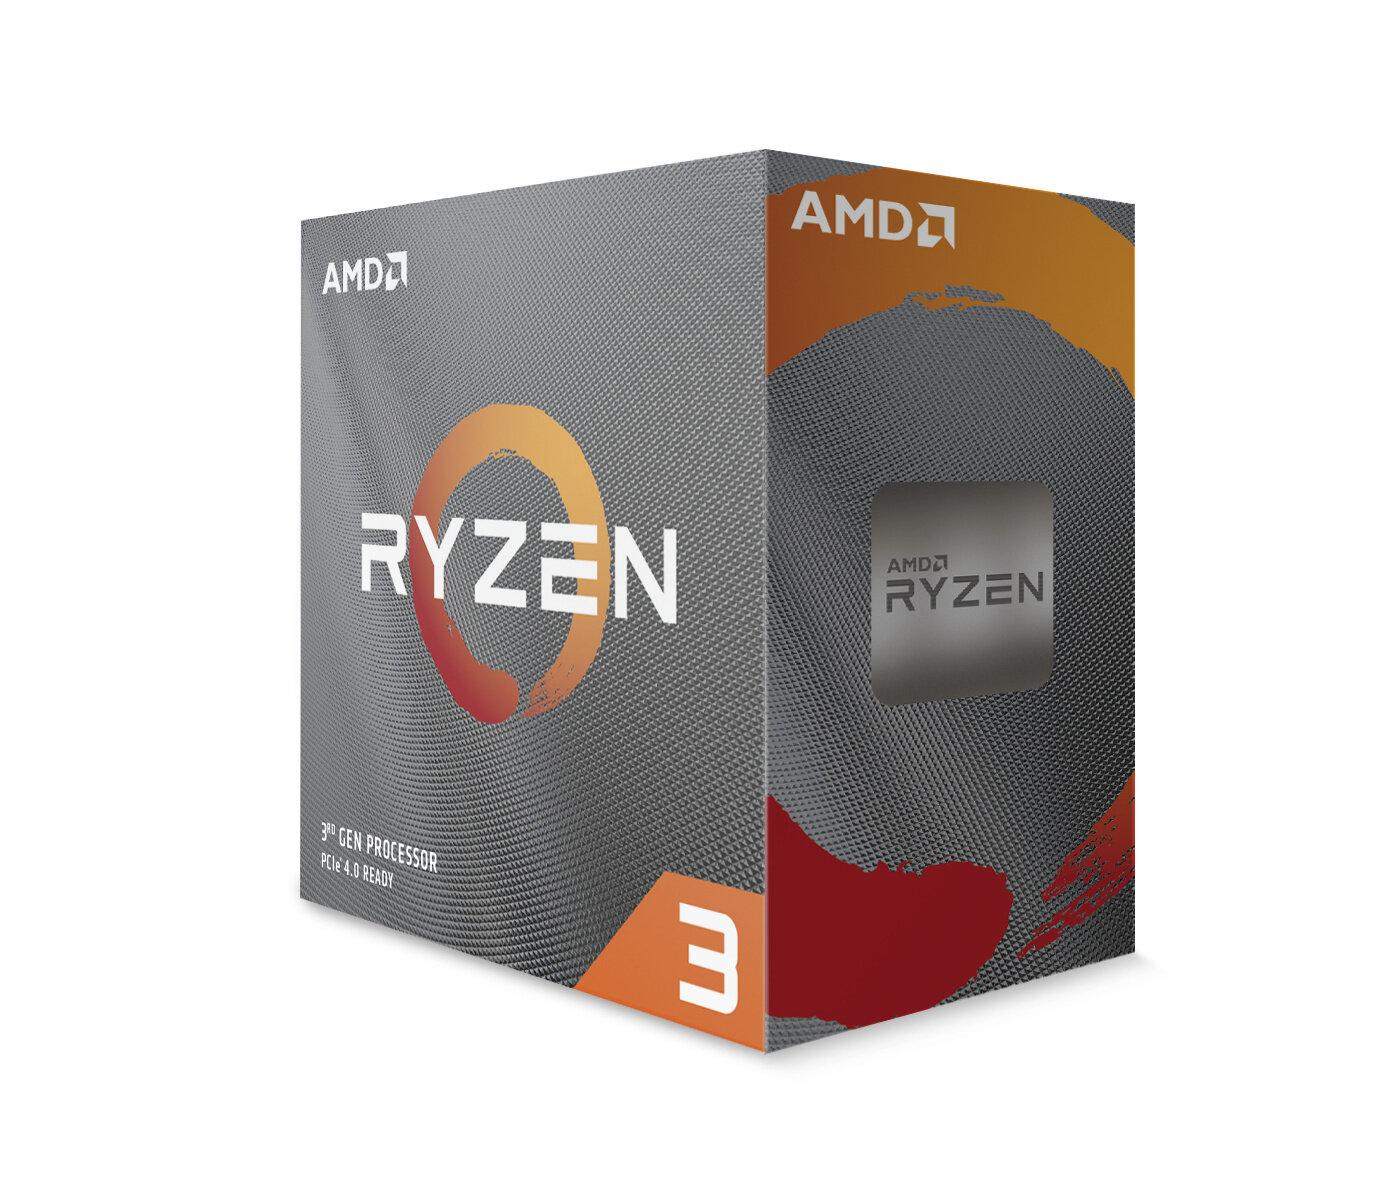 AMD RYZEN 3 3300X 4-CORE 3.8GHZ AM4